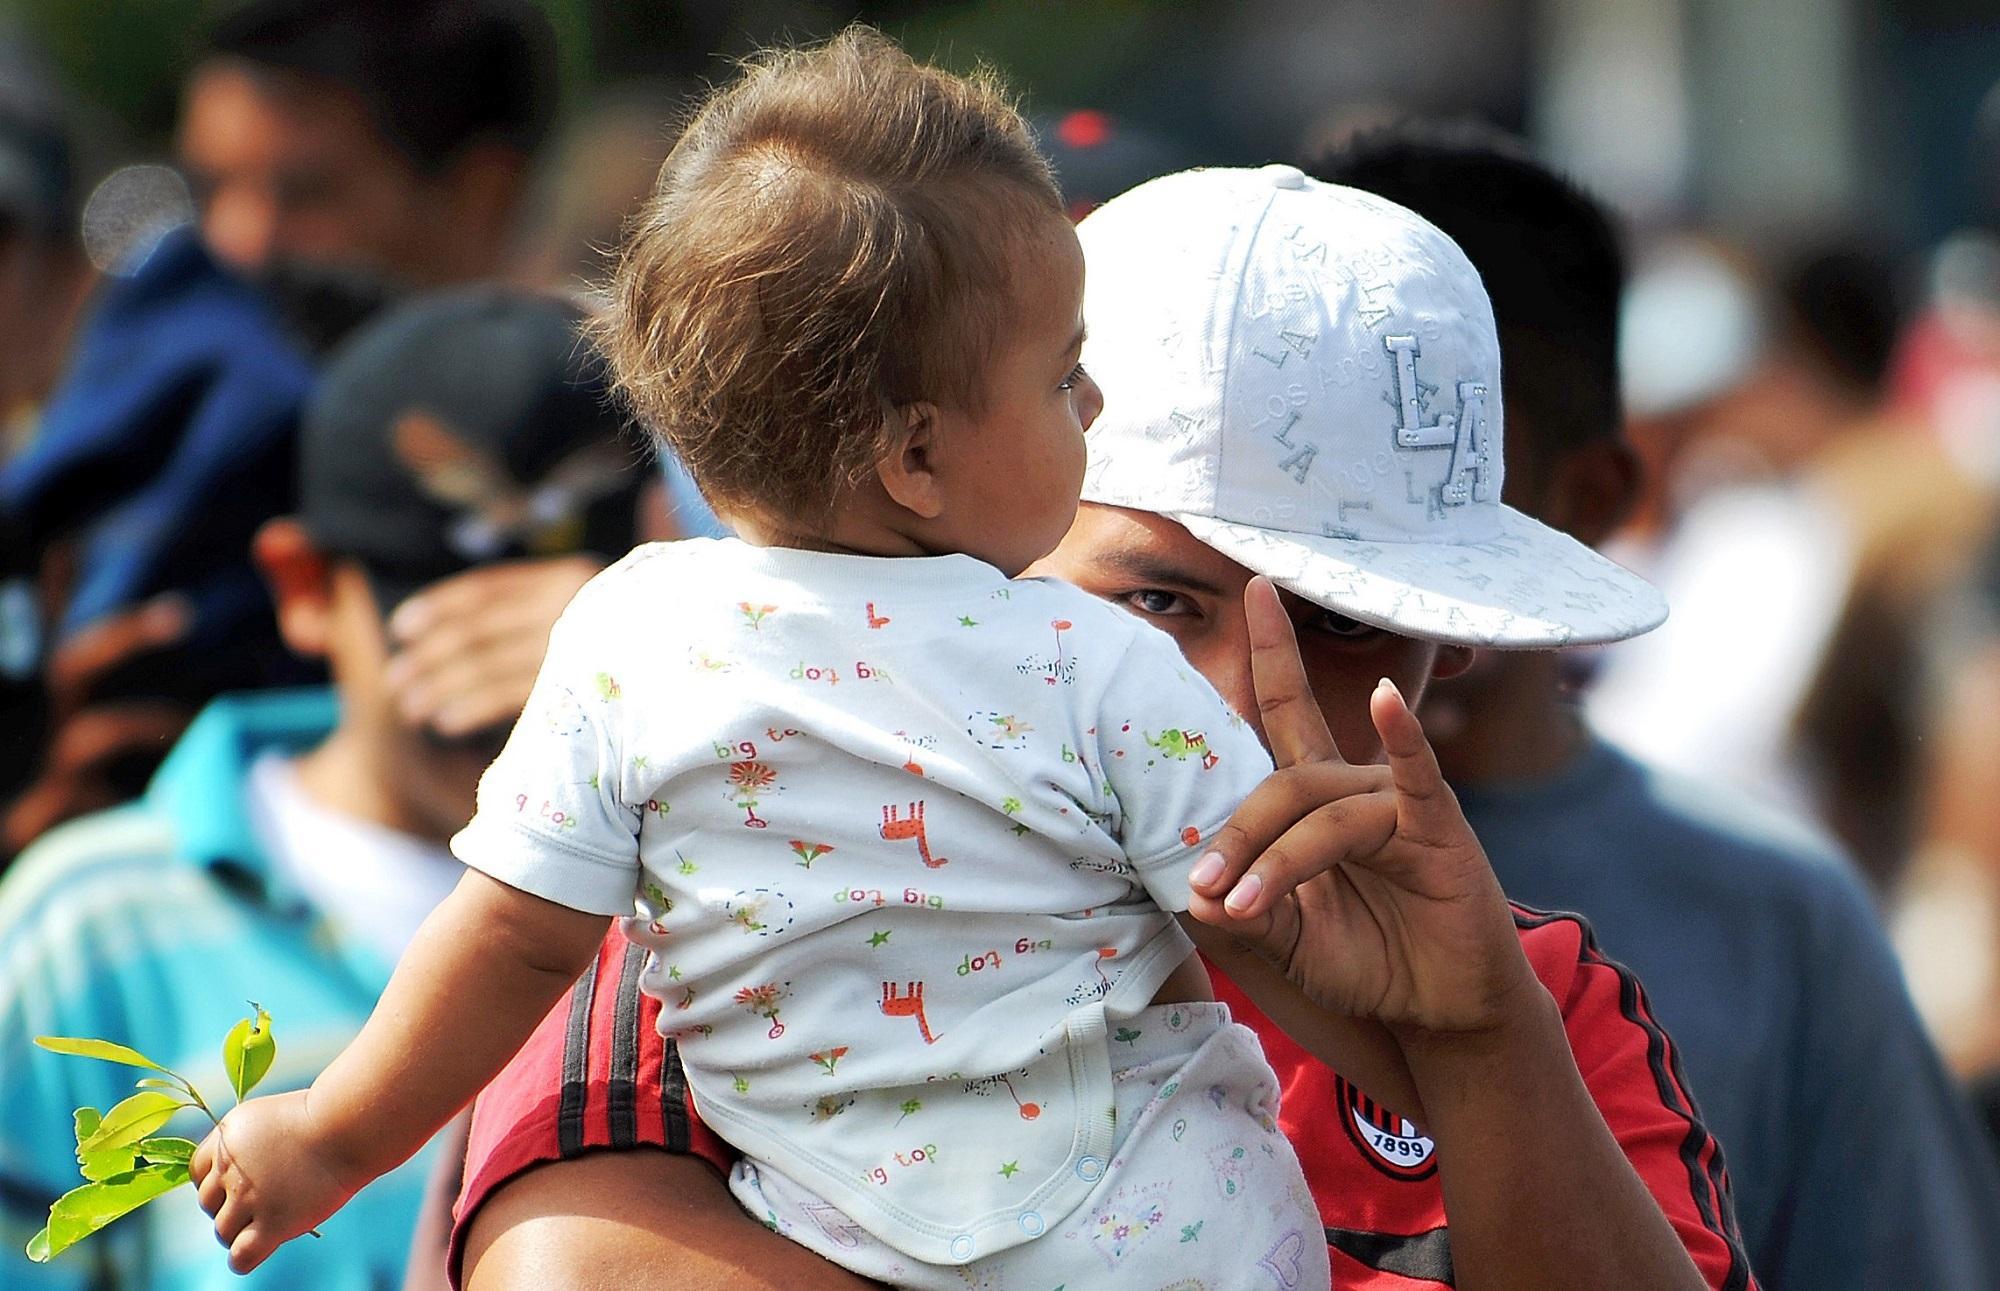 Un joven con un bebé en brazos hace con su mano la garra que simboliza la MS-13. Esta fotografía se tomó el 3 de marzo de 2010, en una marcha de pandilleros y familiares que recorrió las calles de San Salvador.FotoJosé Cabezas (AFP).